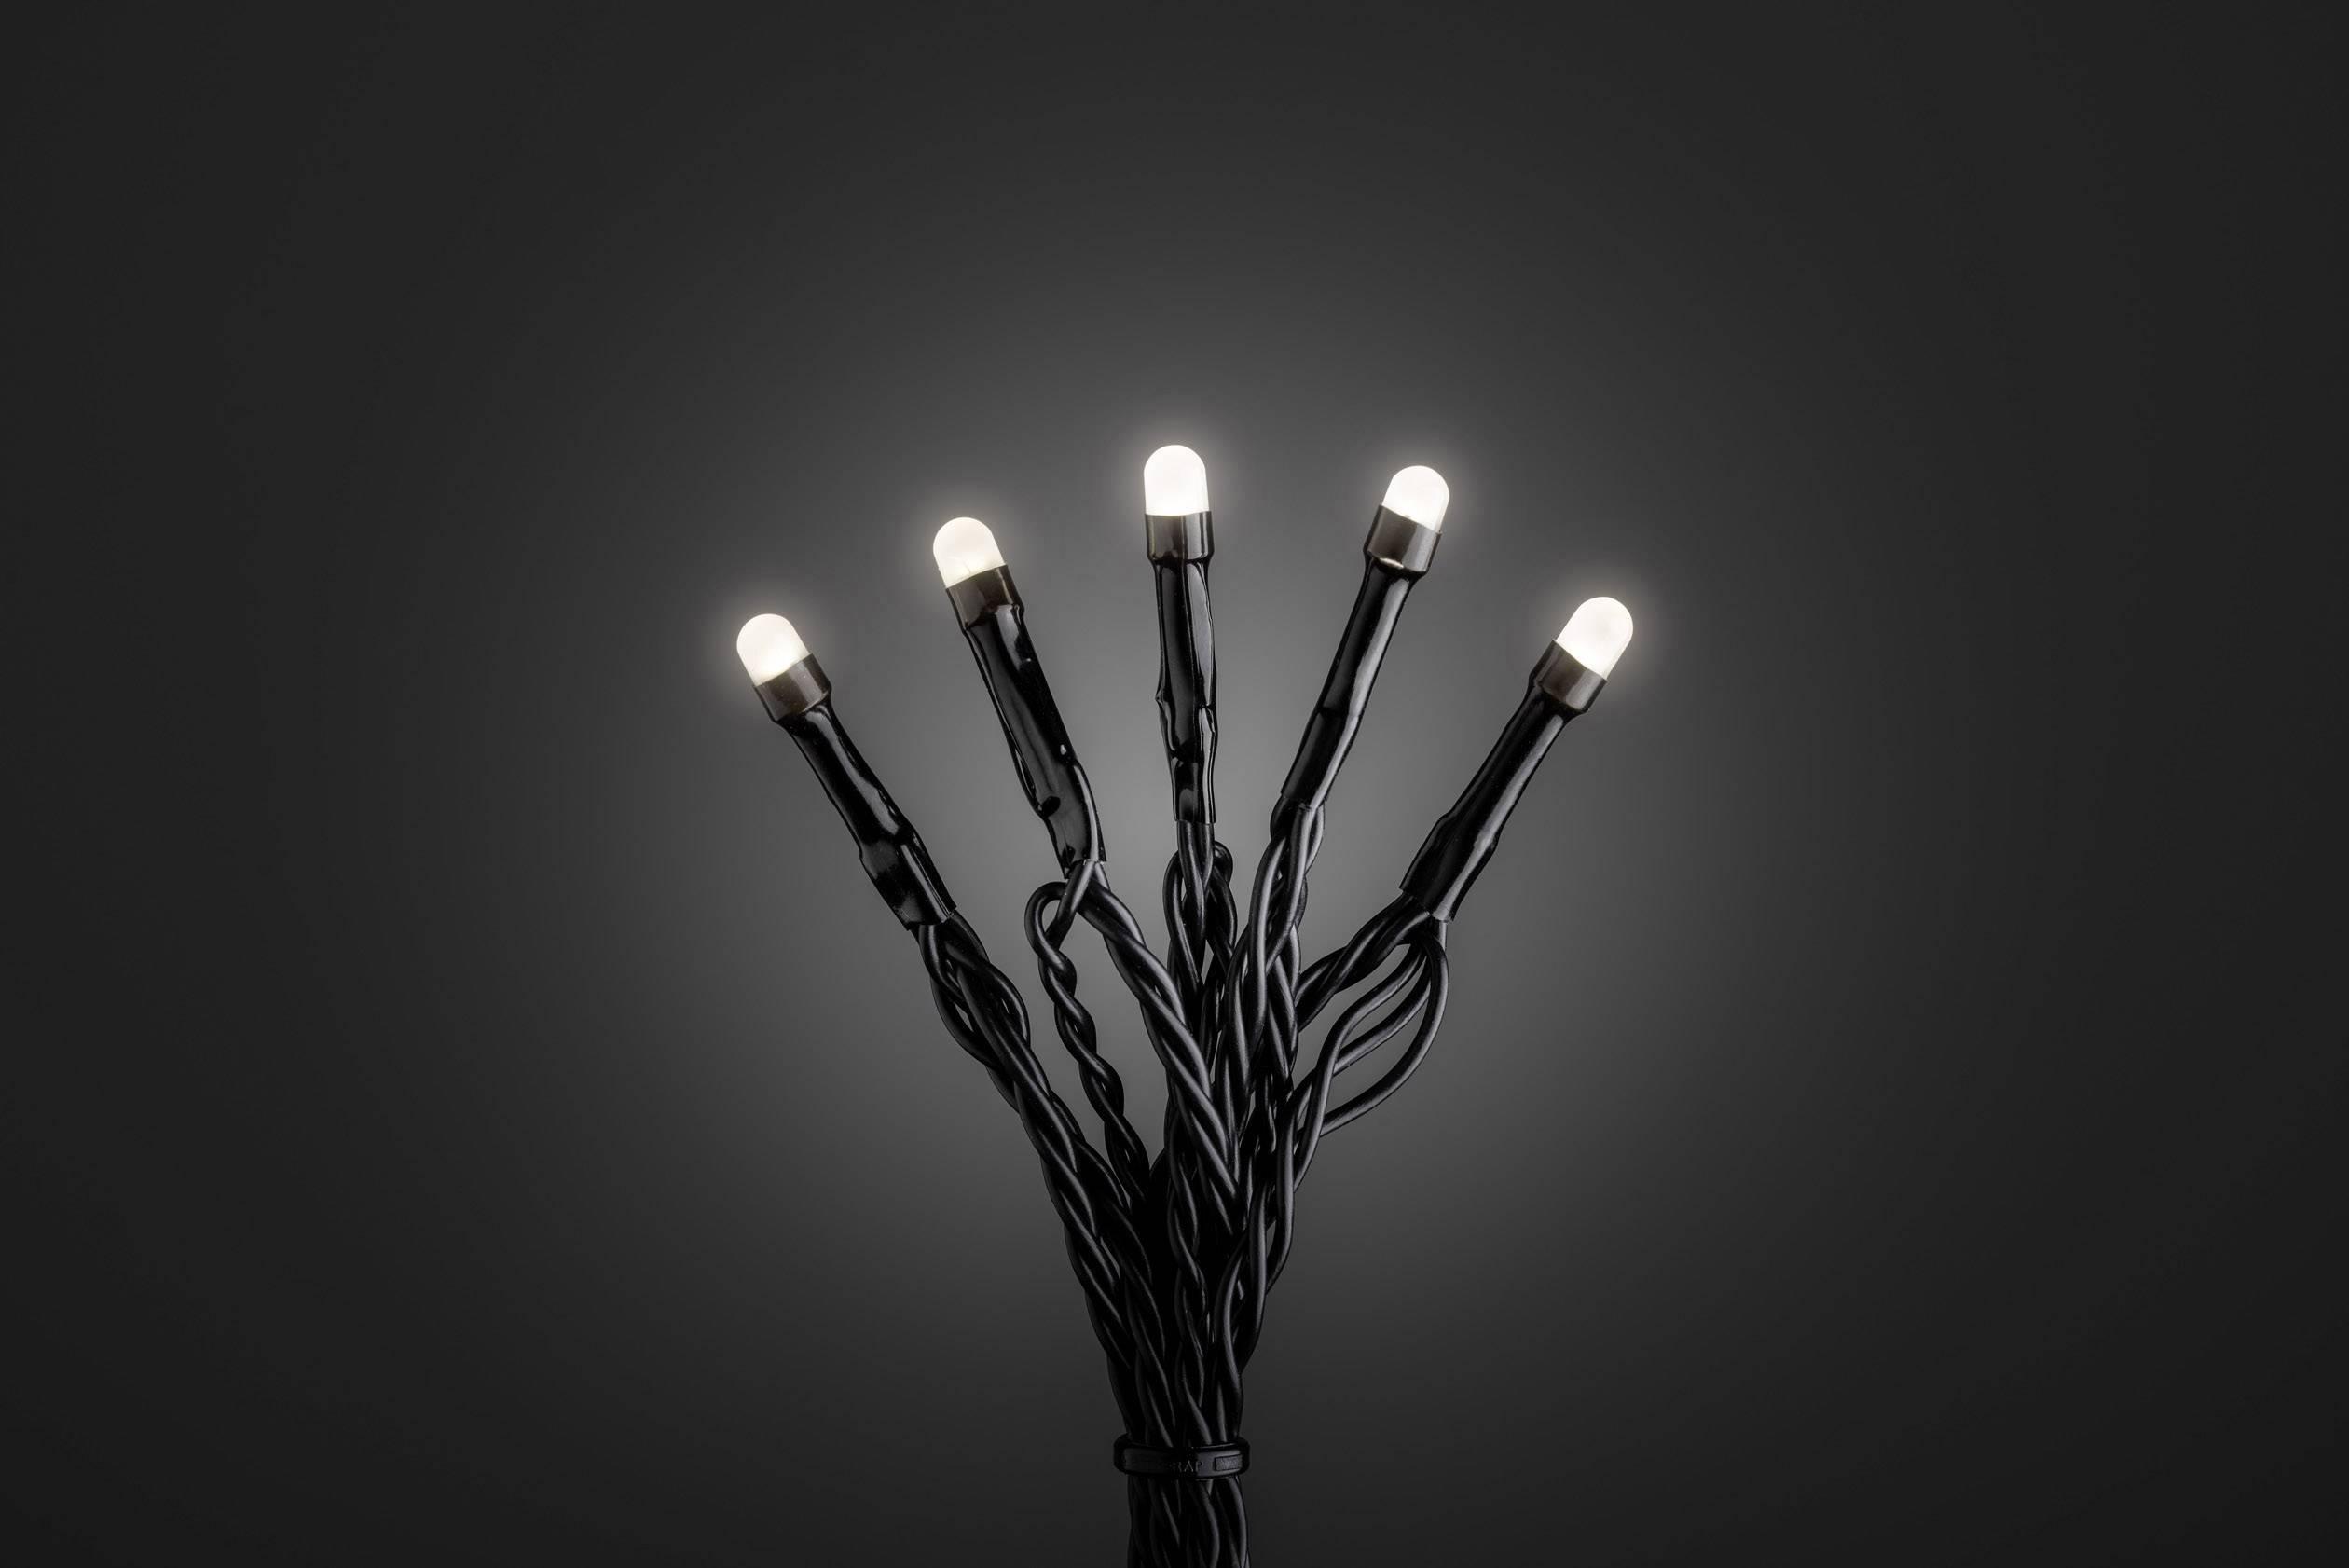 LED Lichterkette günstig online kaufen bei Conrad